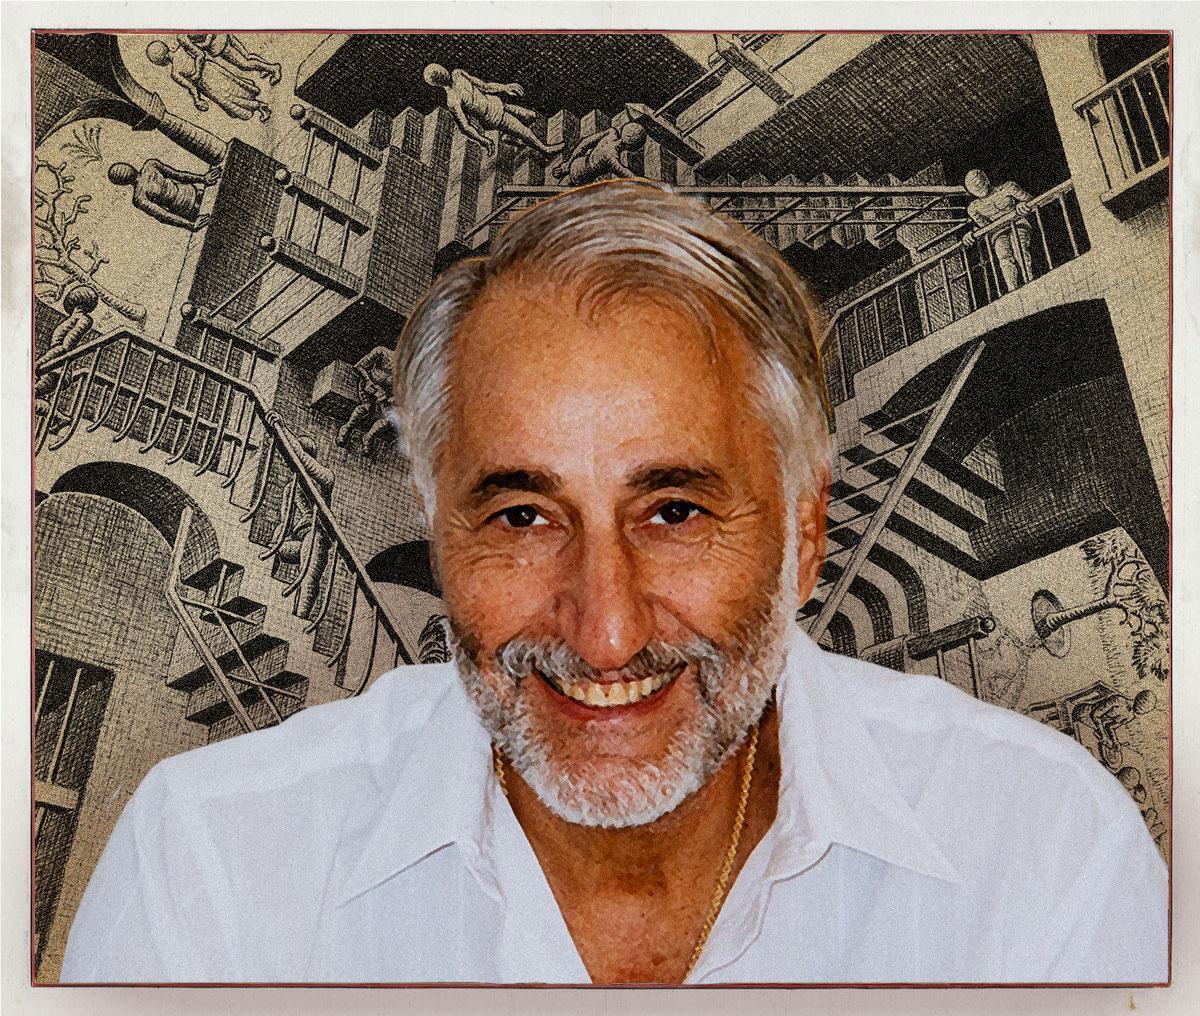 melatonina, rallentare l'invecchiamento si può - immagine professor Pierpaoli